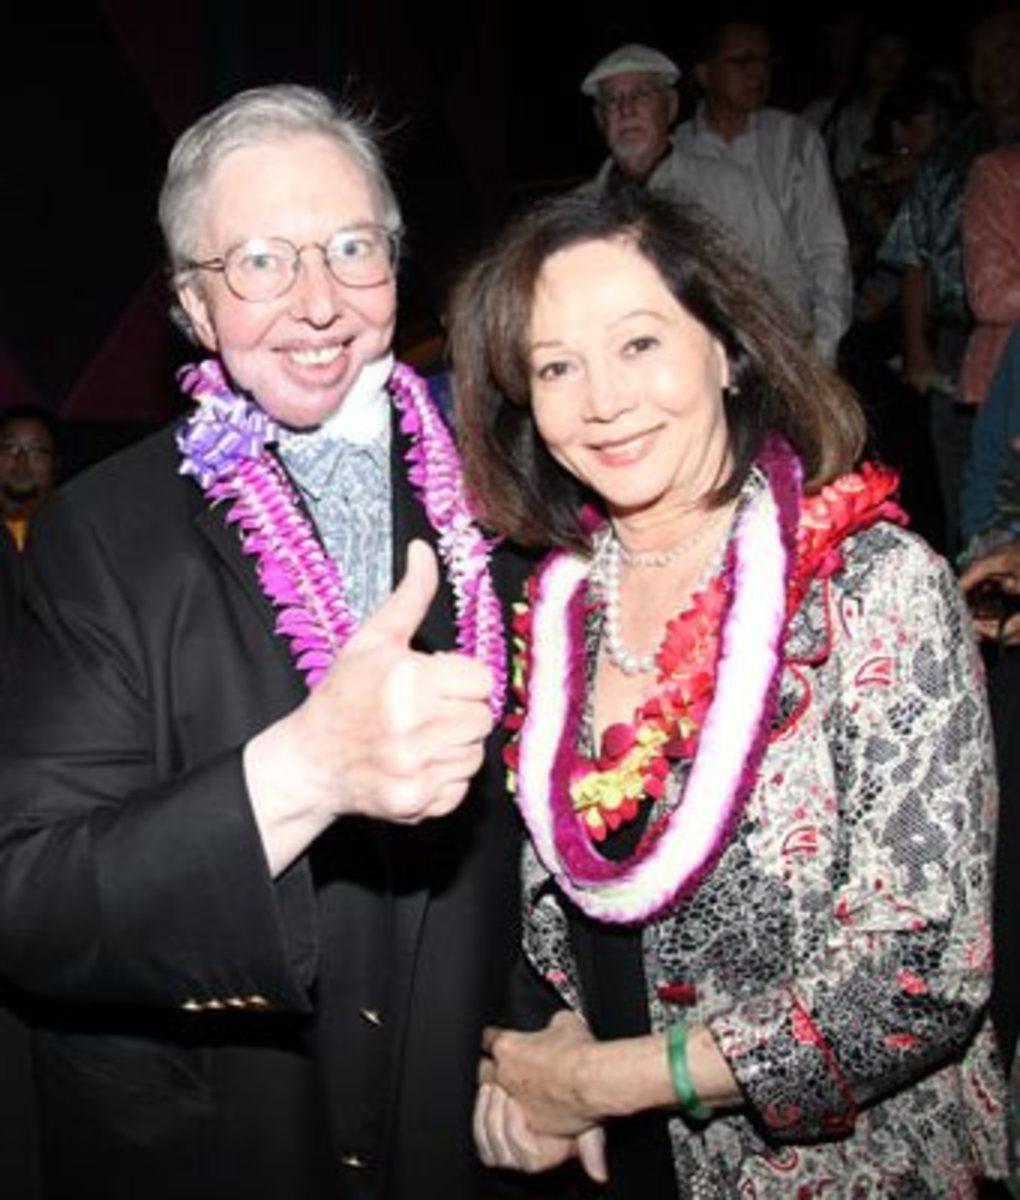 The Late Roger Ebert, standing beside Nancy Kwan. Photo taken in 2010.